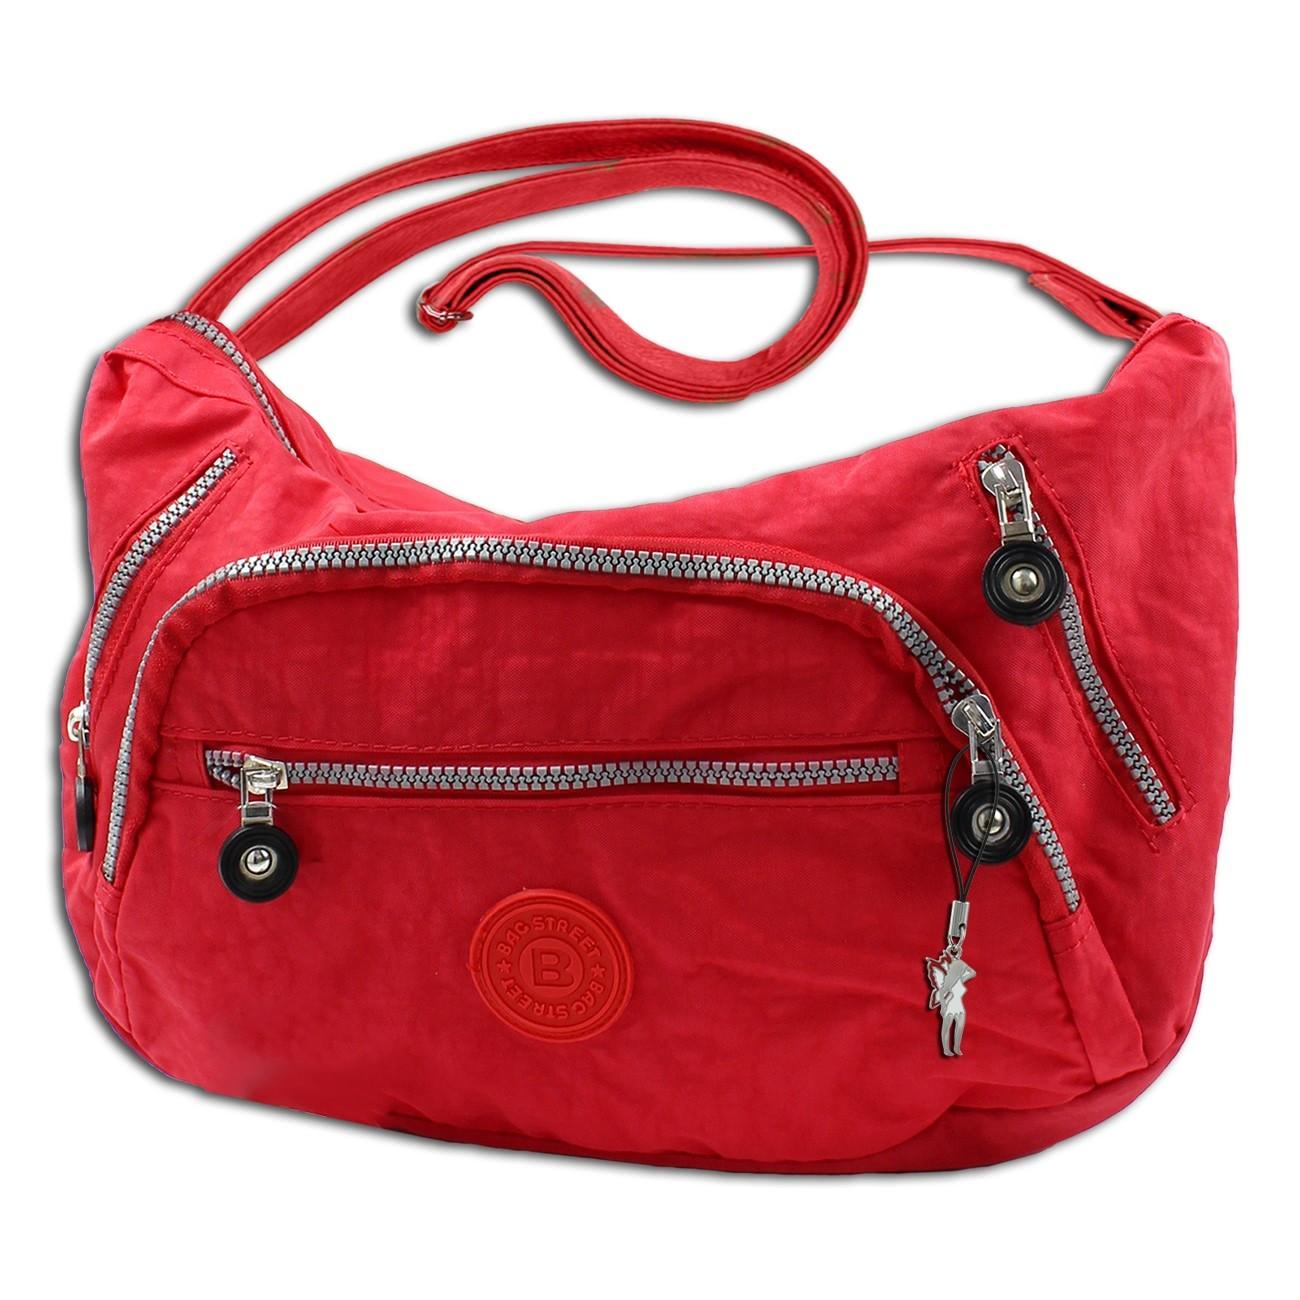 Schultertasche Damen Handtasche rot Nylon Umhängetasche Bag Street OTJ210R